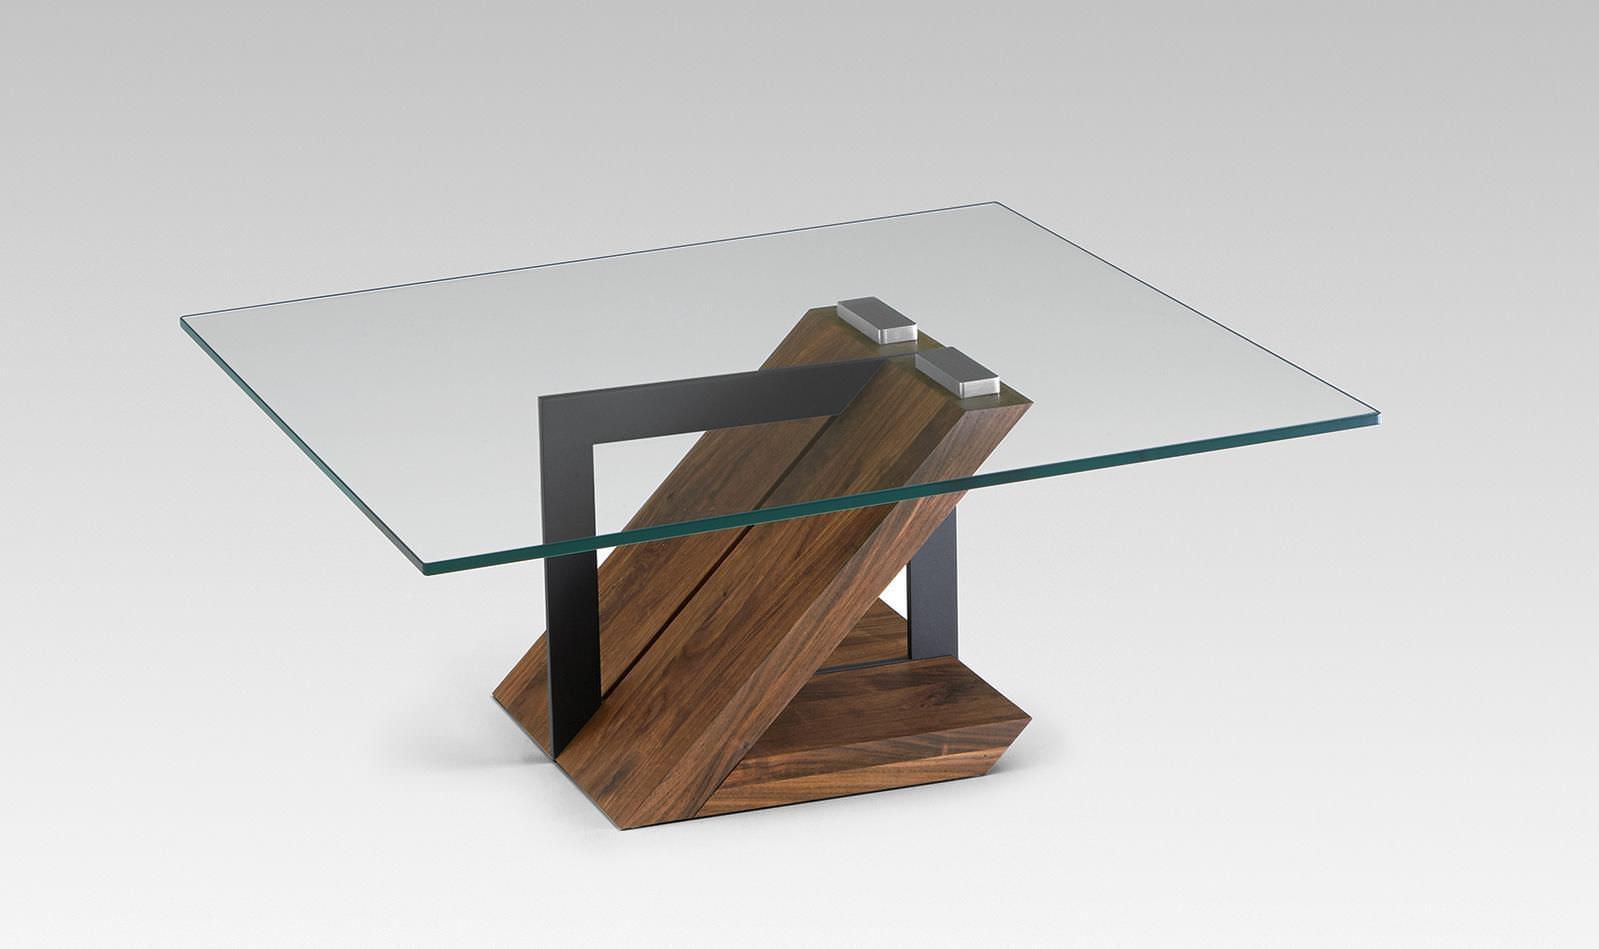 Moderner Couchtisch / Holz / Glas / rechteckig - 4104 ...